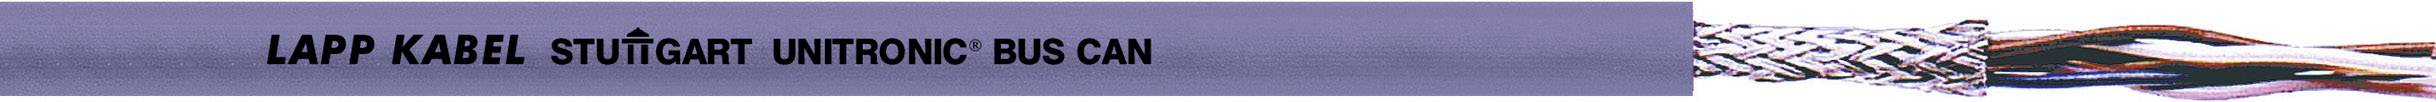 Zbernicový kábel LappKabel UNITRONIC® BUS 2170263, vnější Ø 6.80 mm, fialová, metrový tovar